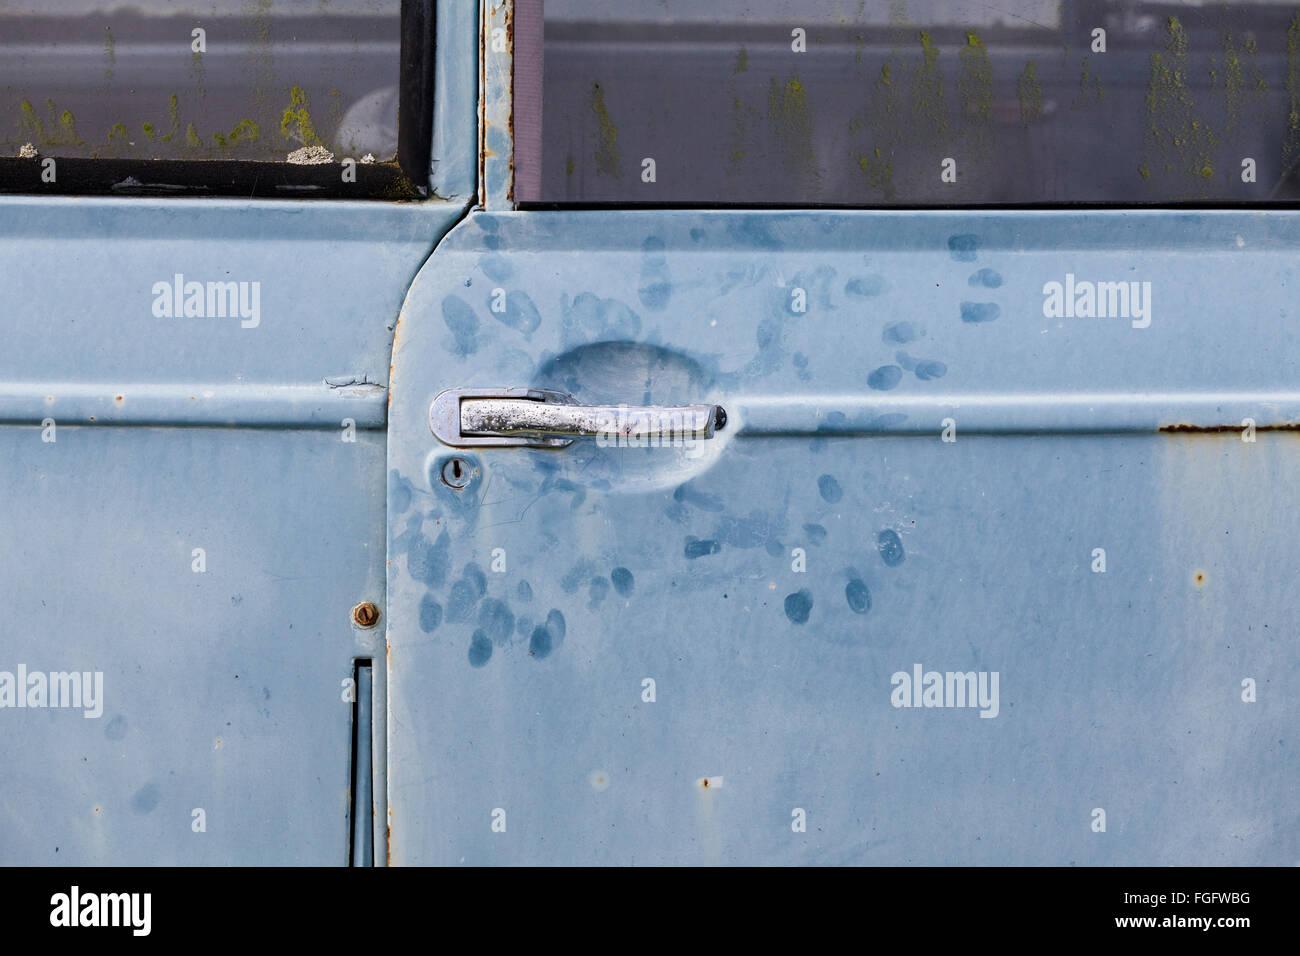 Des empreintes digitales sur une vieille Morris Minor. Photo Stock